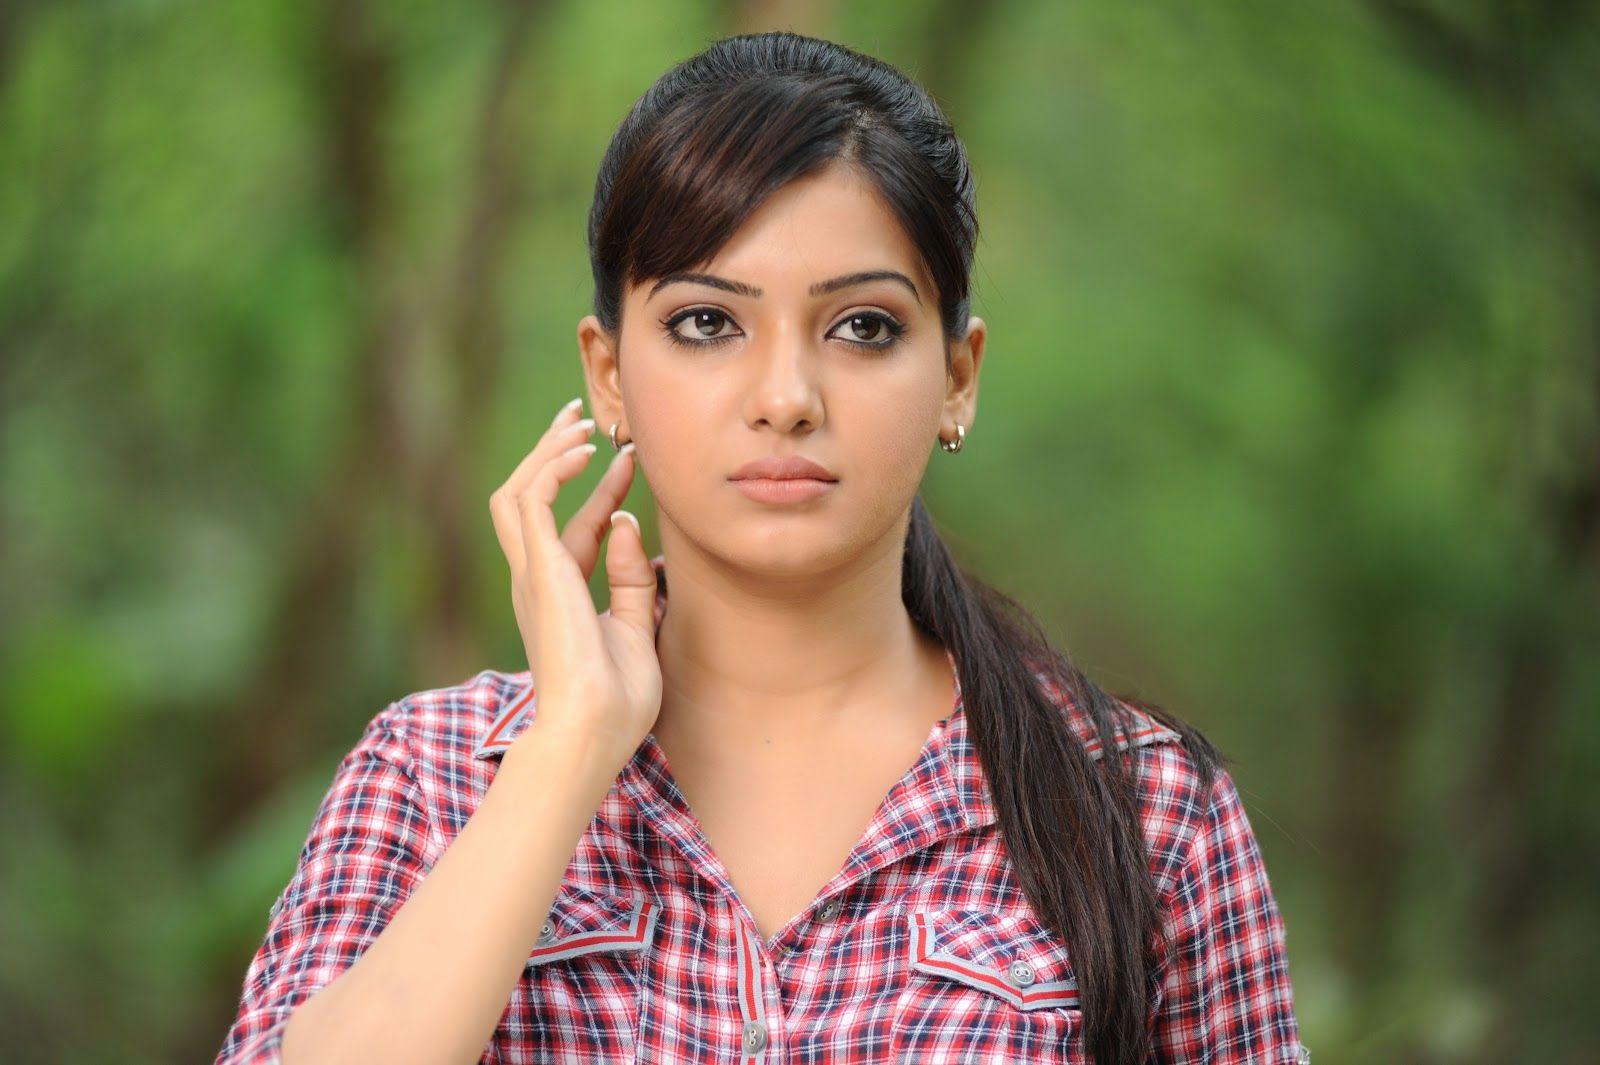 Samantha Akkineni Hd Images Free Download Actresshotimgaesinhd In